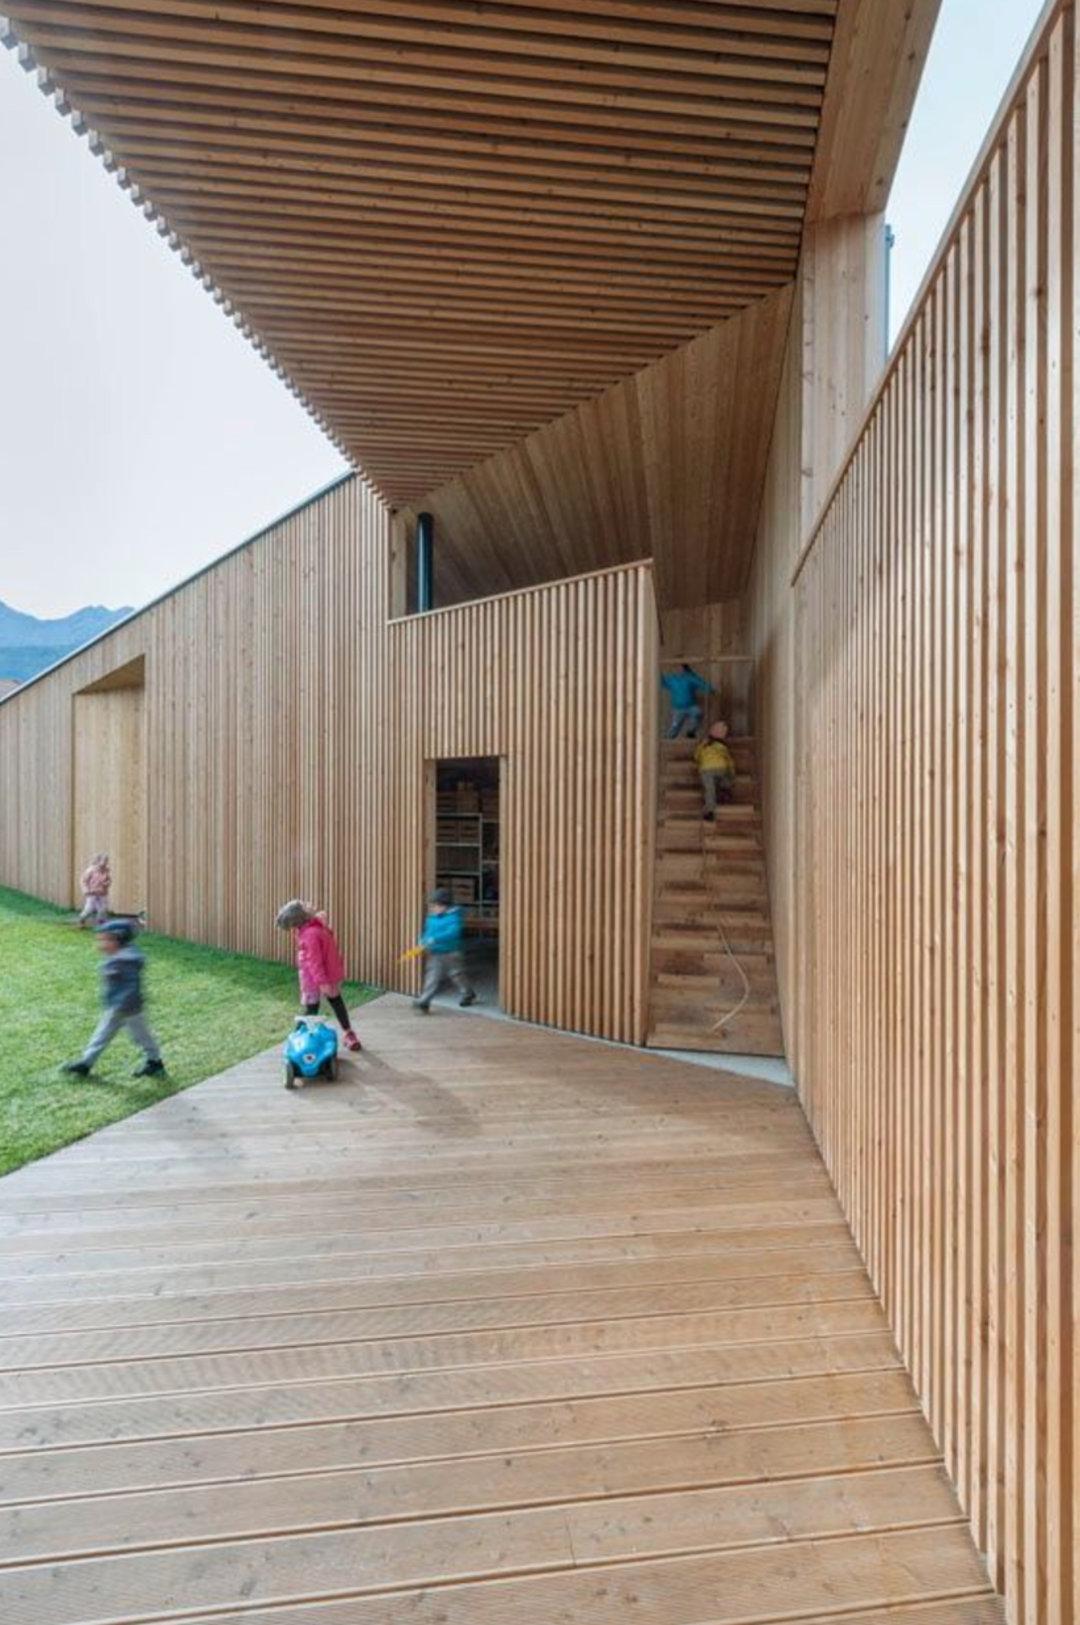 再看一个幼儿园设计,它藏了很多玩乐小心思_设计_好奇心日报